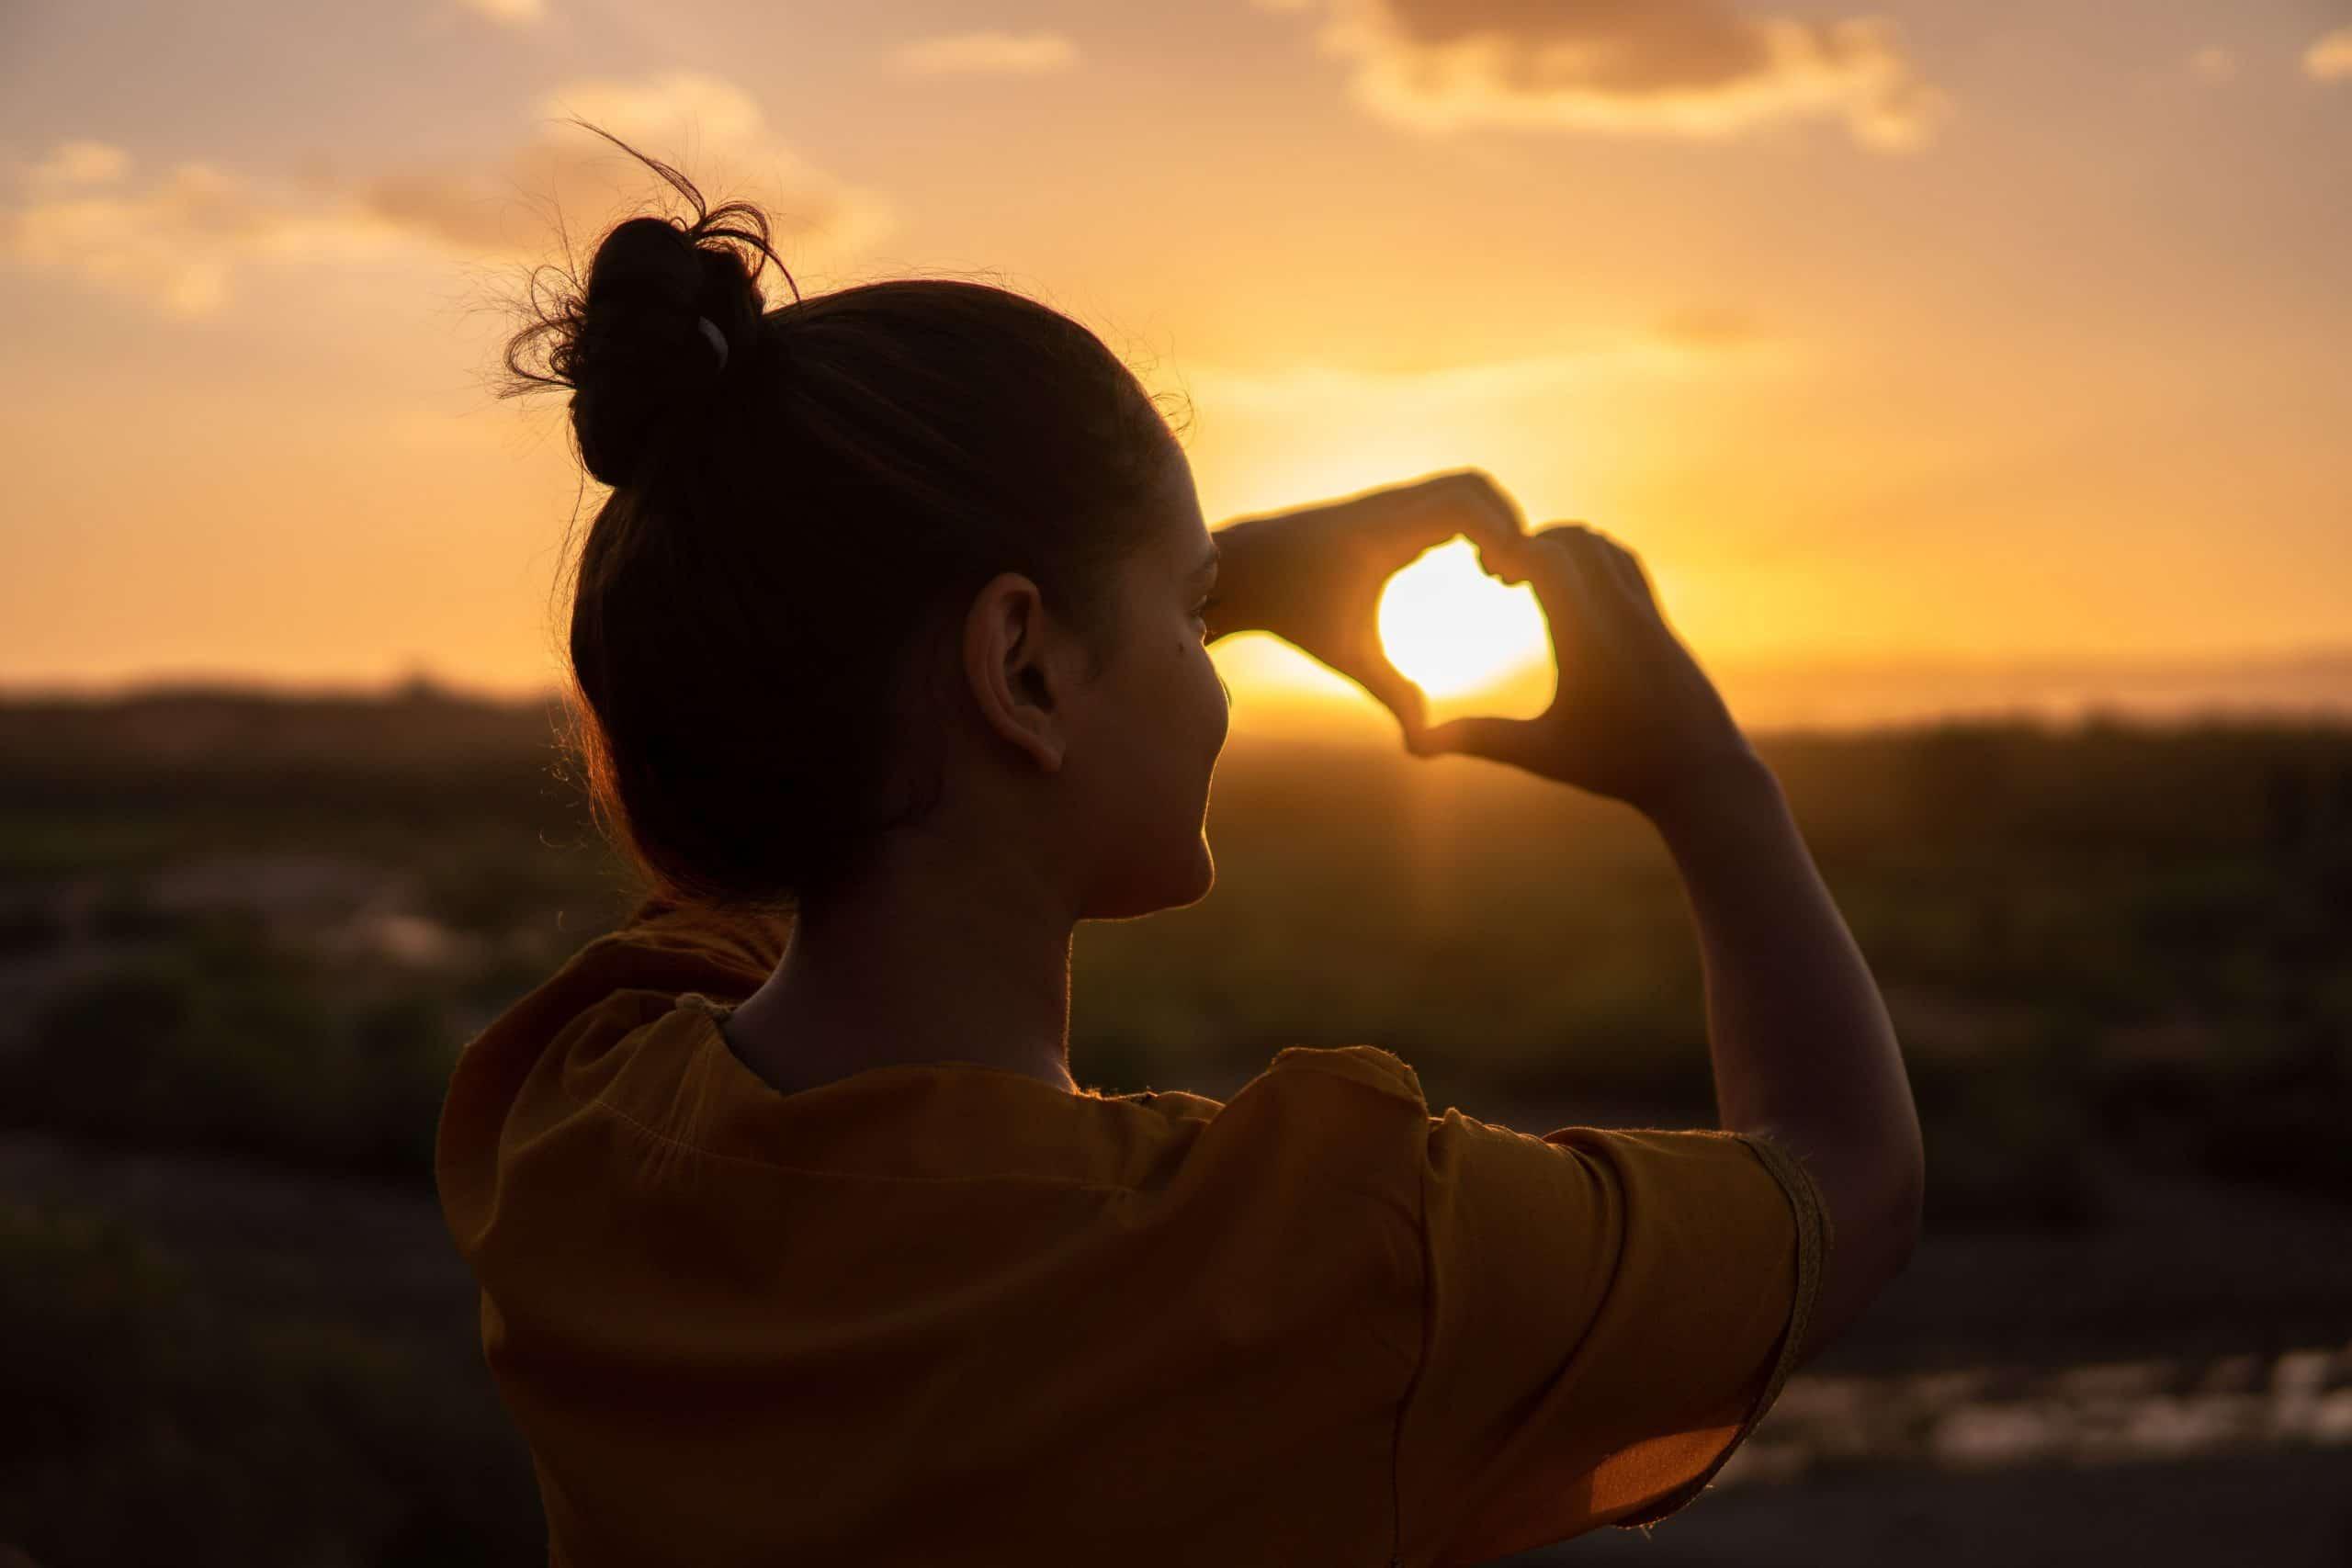 Mulher de costas, com os cabelos presos, fazendo um coração que aponta para o pôr-do-sol no horizonte com as duas mãos.